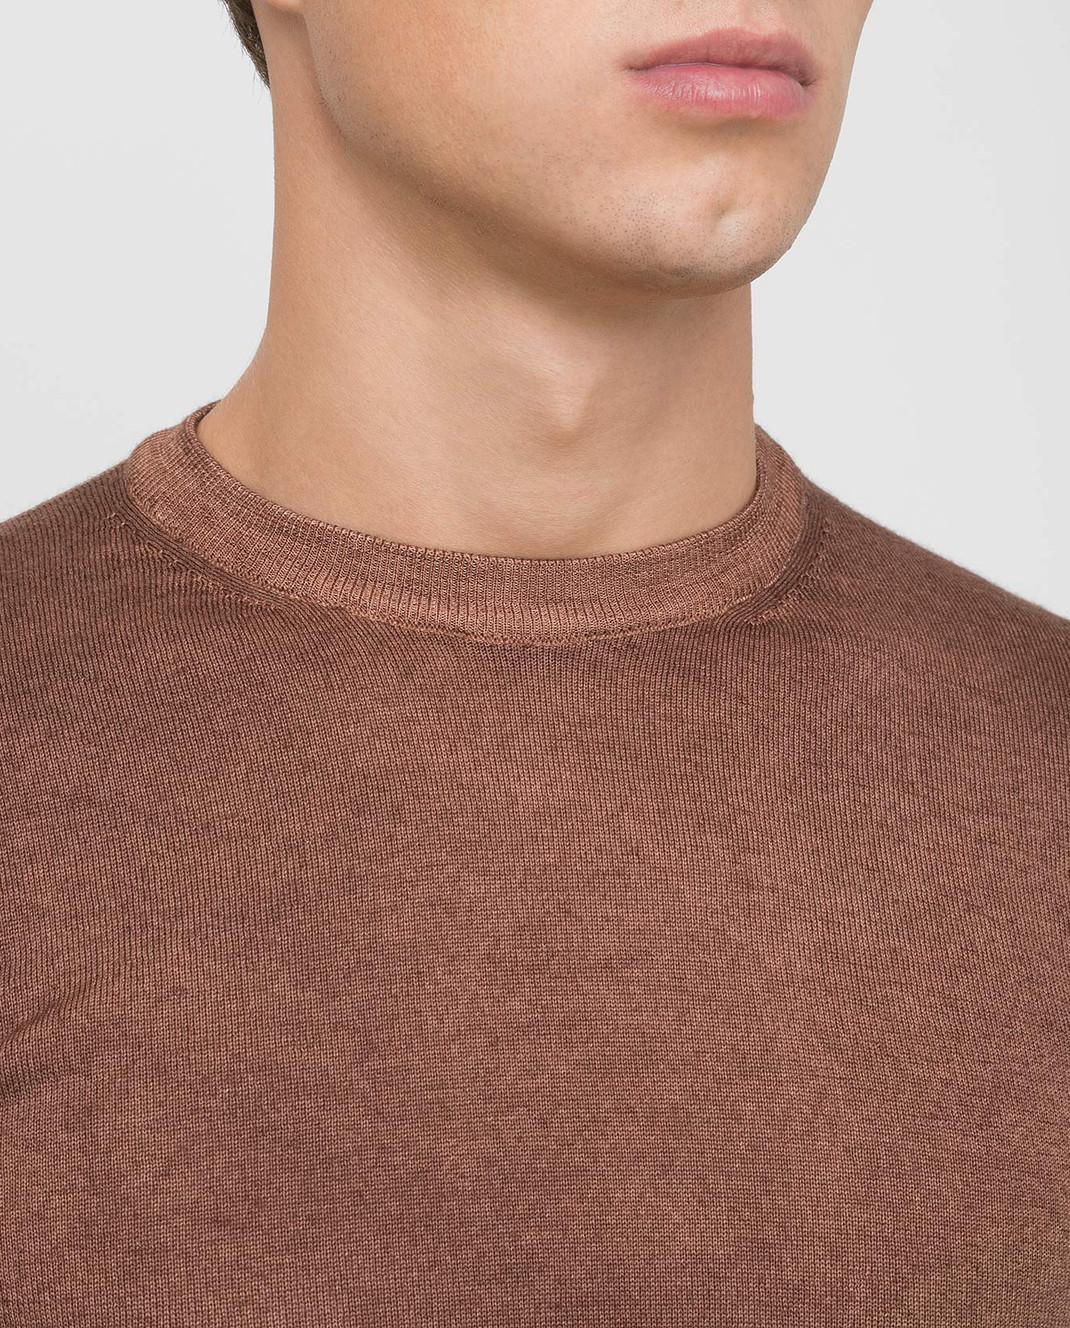 Fradi Коричневый джемпер из шерсти изображение 5